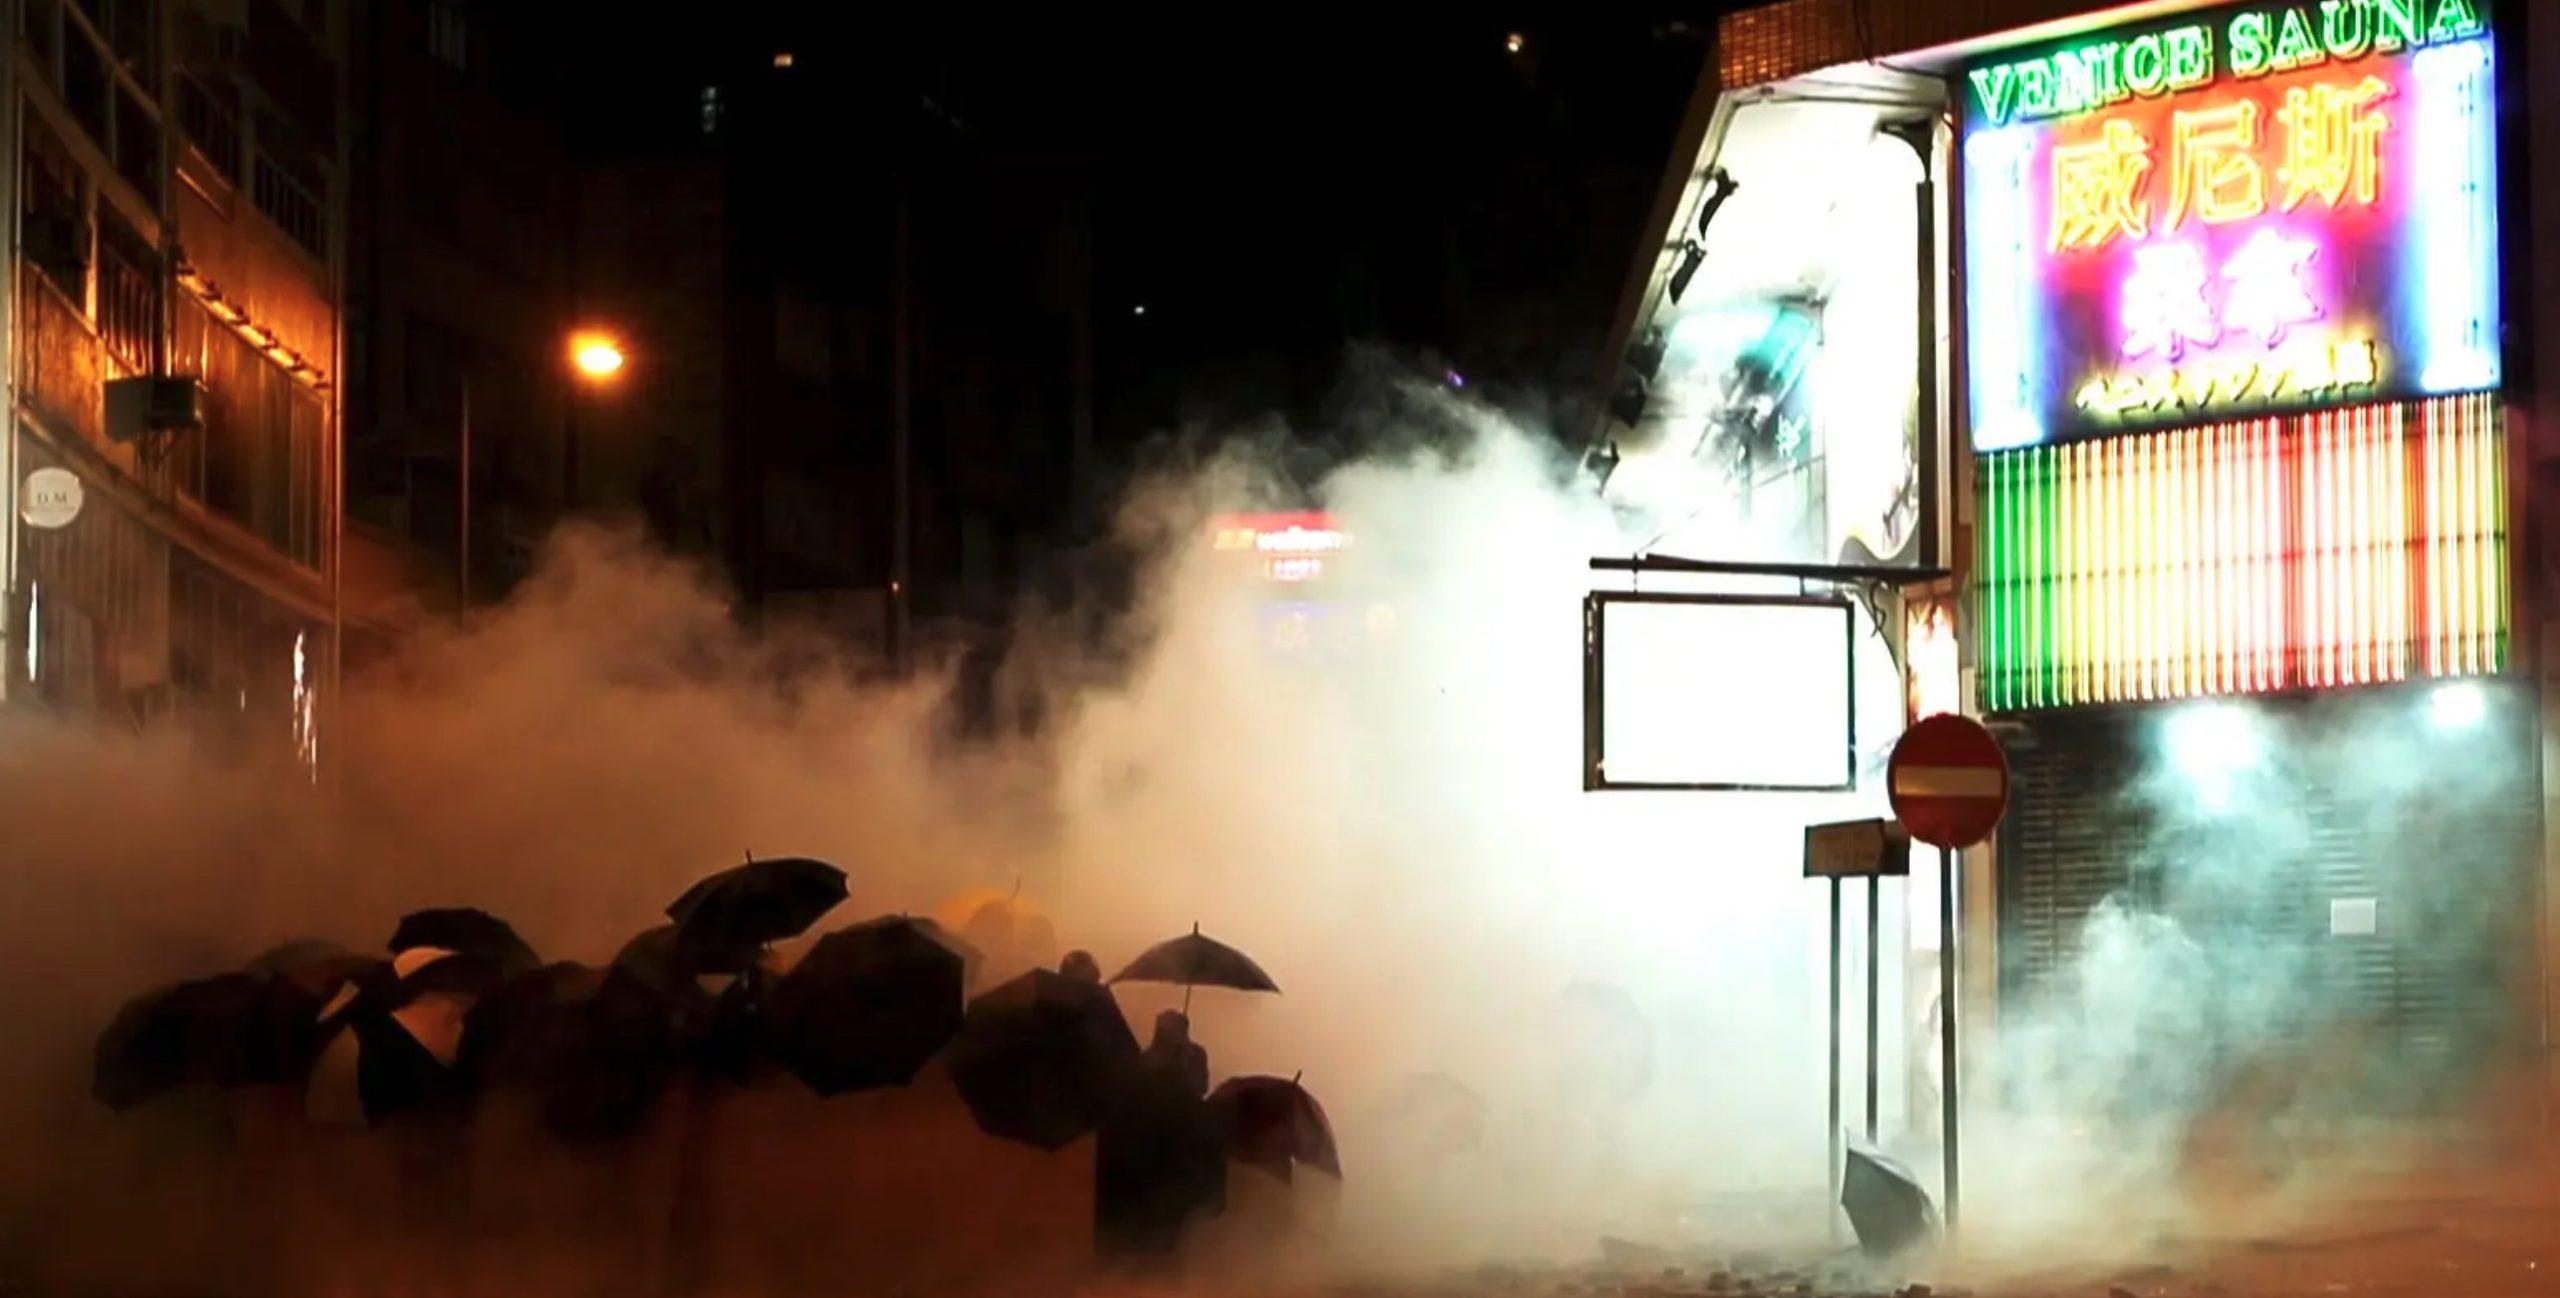 Cena do curta Do Not Split. Em meio a fumaça de gás lacrimogêneo, podemos ver vários manifestantes pró-Hong Kong segurando guarda chuvas. Eles estão em uma rua, é noite, e há um edifício comercial ao lado direito.